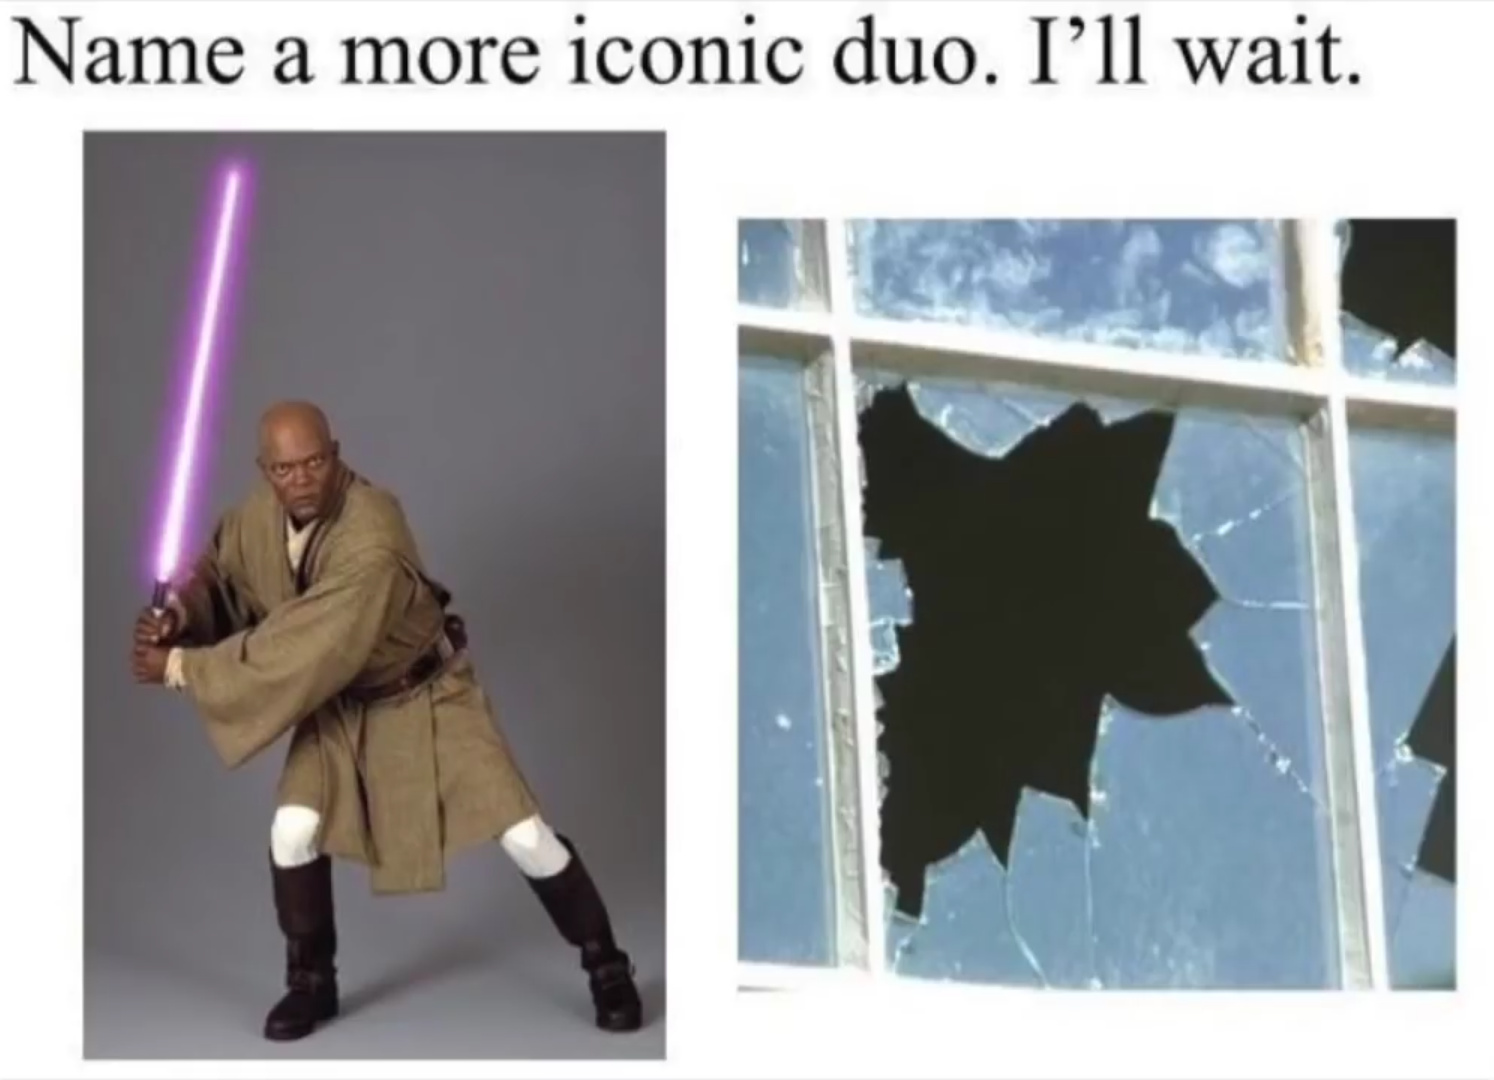 Master Windu fell of the windu hehe - meme